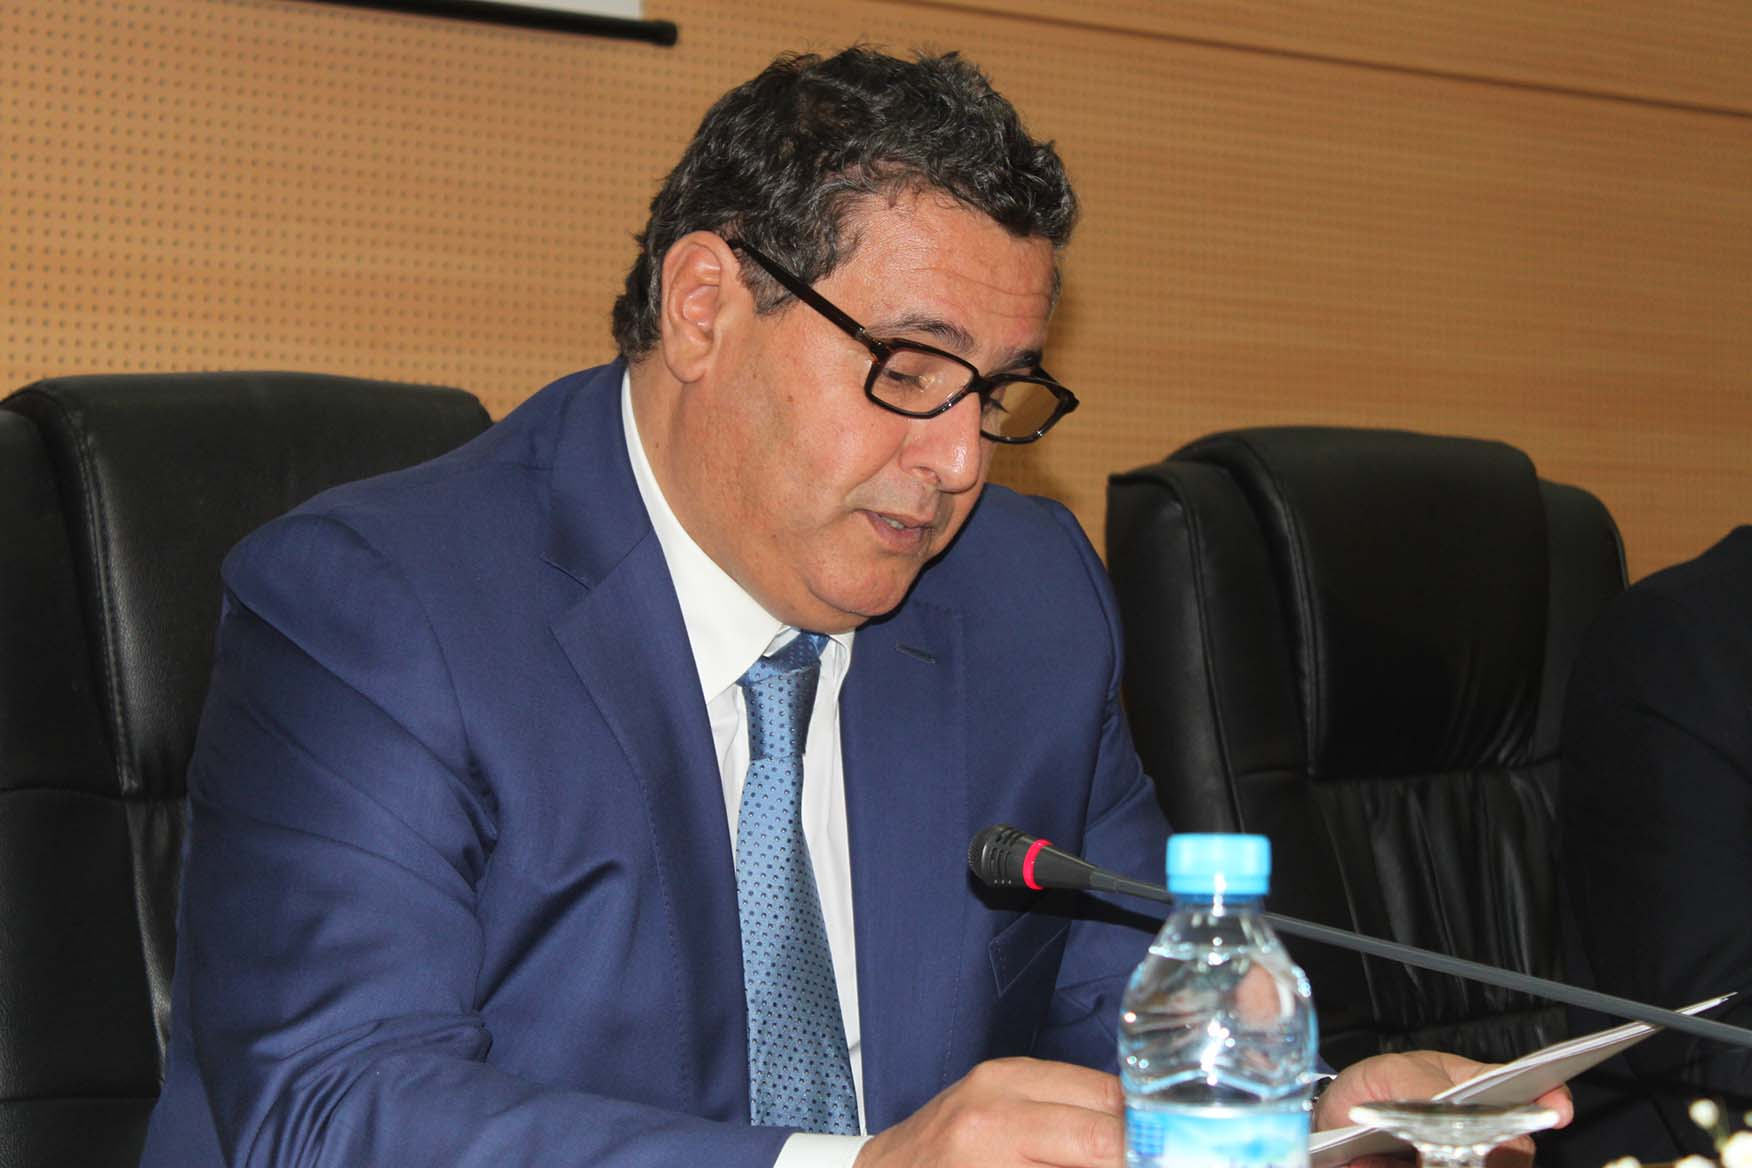 بعث الأمل في القطاع الفلاحي، ونجح في بلوغ رهانه الاستراتيجي هذا هو مخطط المغرب الأخضر